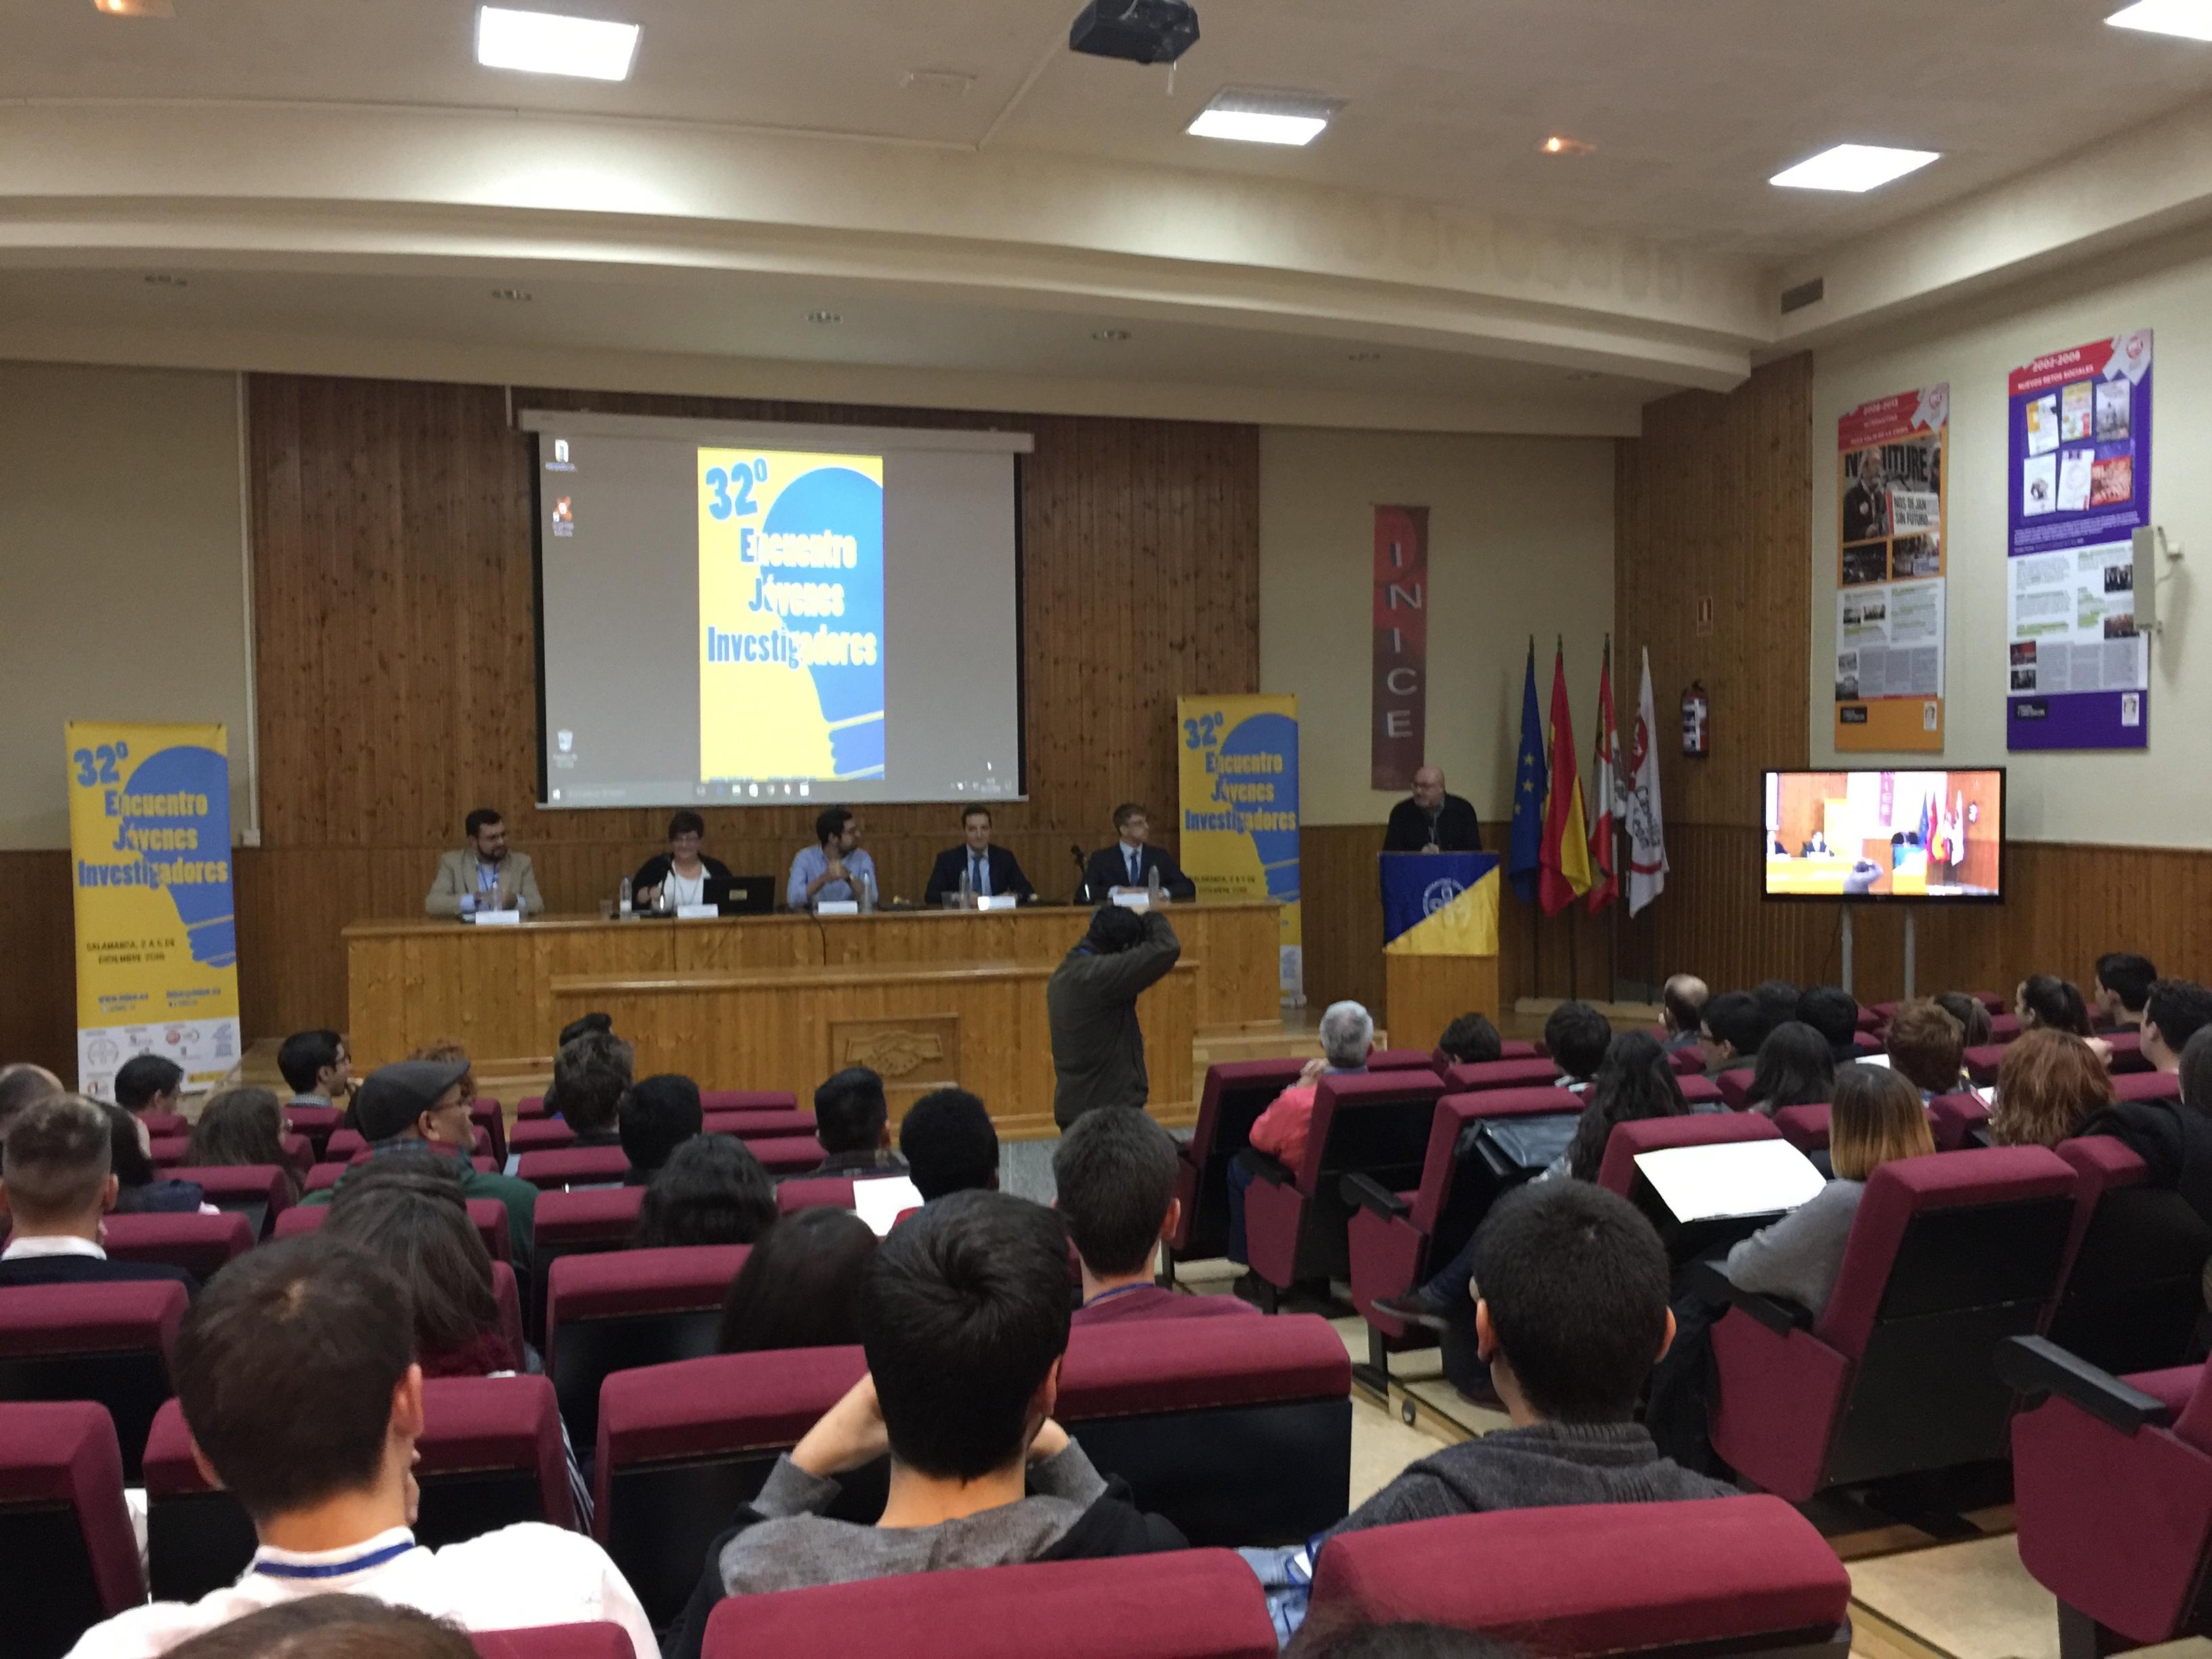 El vicerrector de Investigación y Transferencia de la Universidad de Salamanca, Juan Manuel Corchado, asiste al 32º Encuentro de Jóvenes Investigadores organizado por INICE